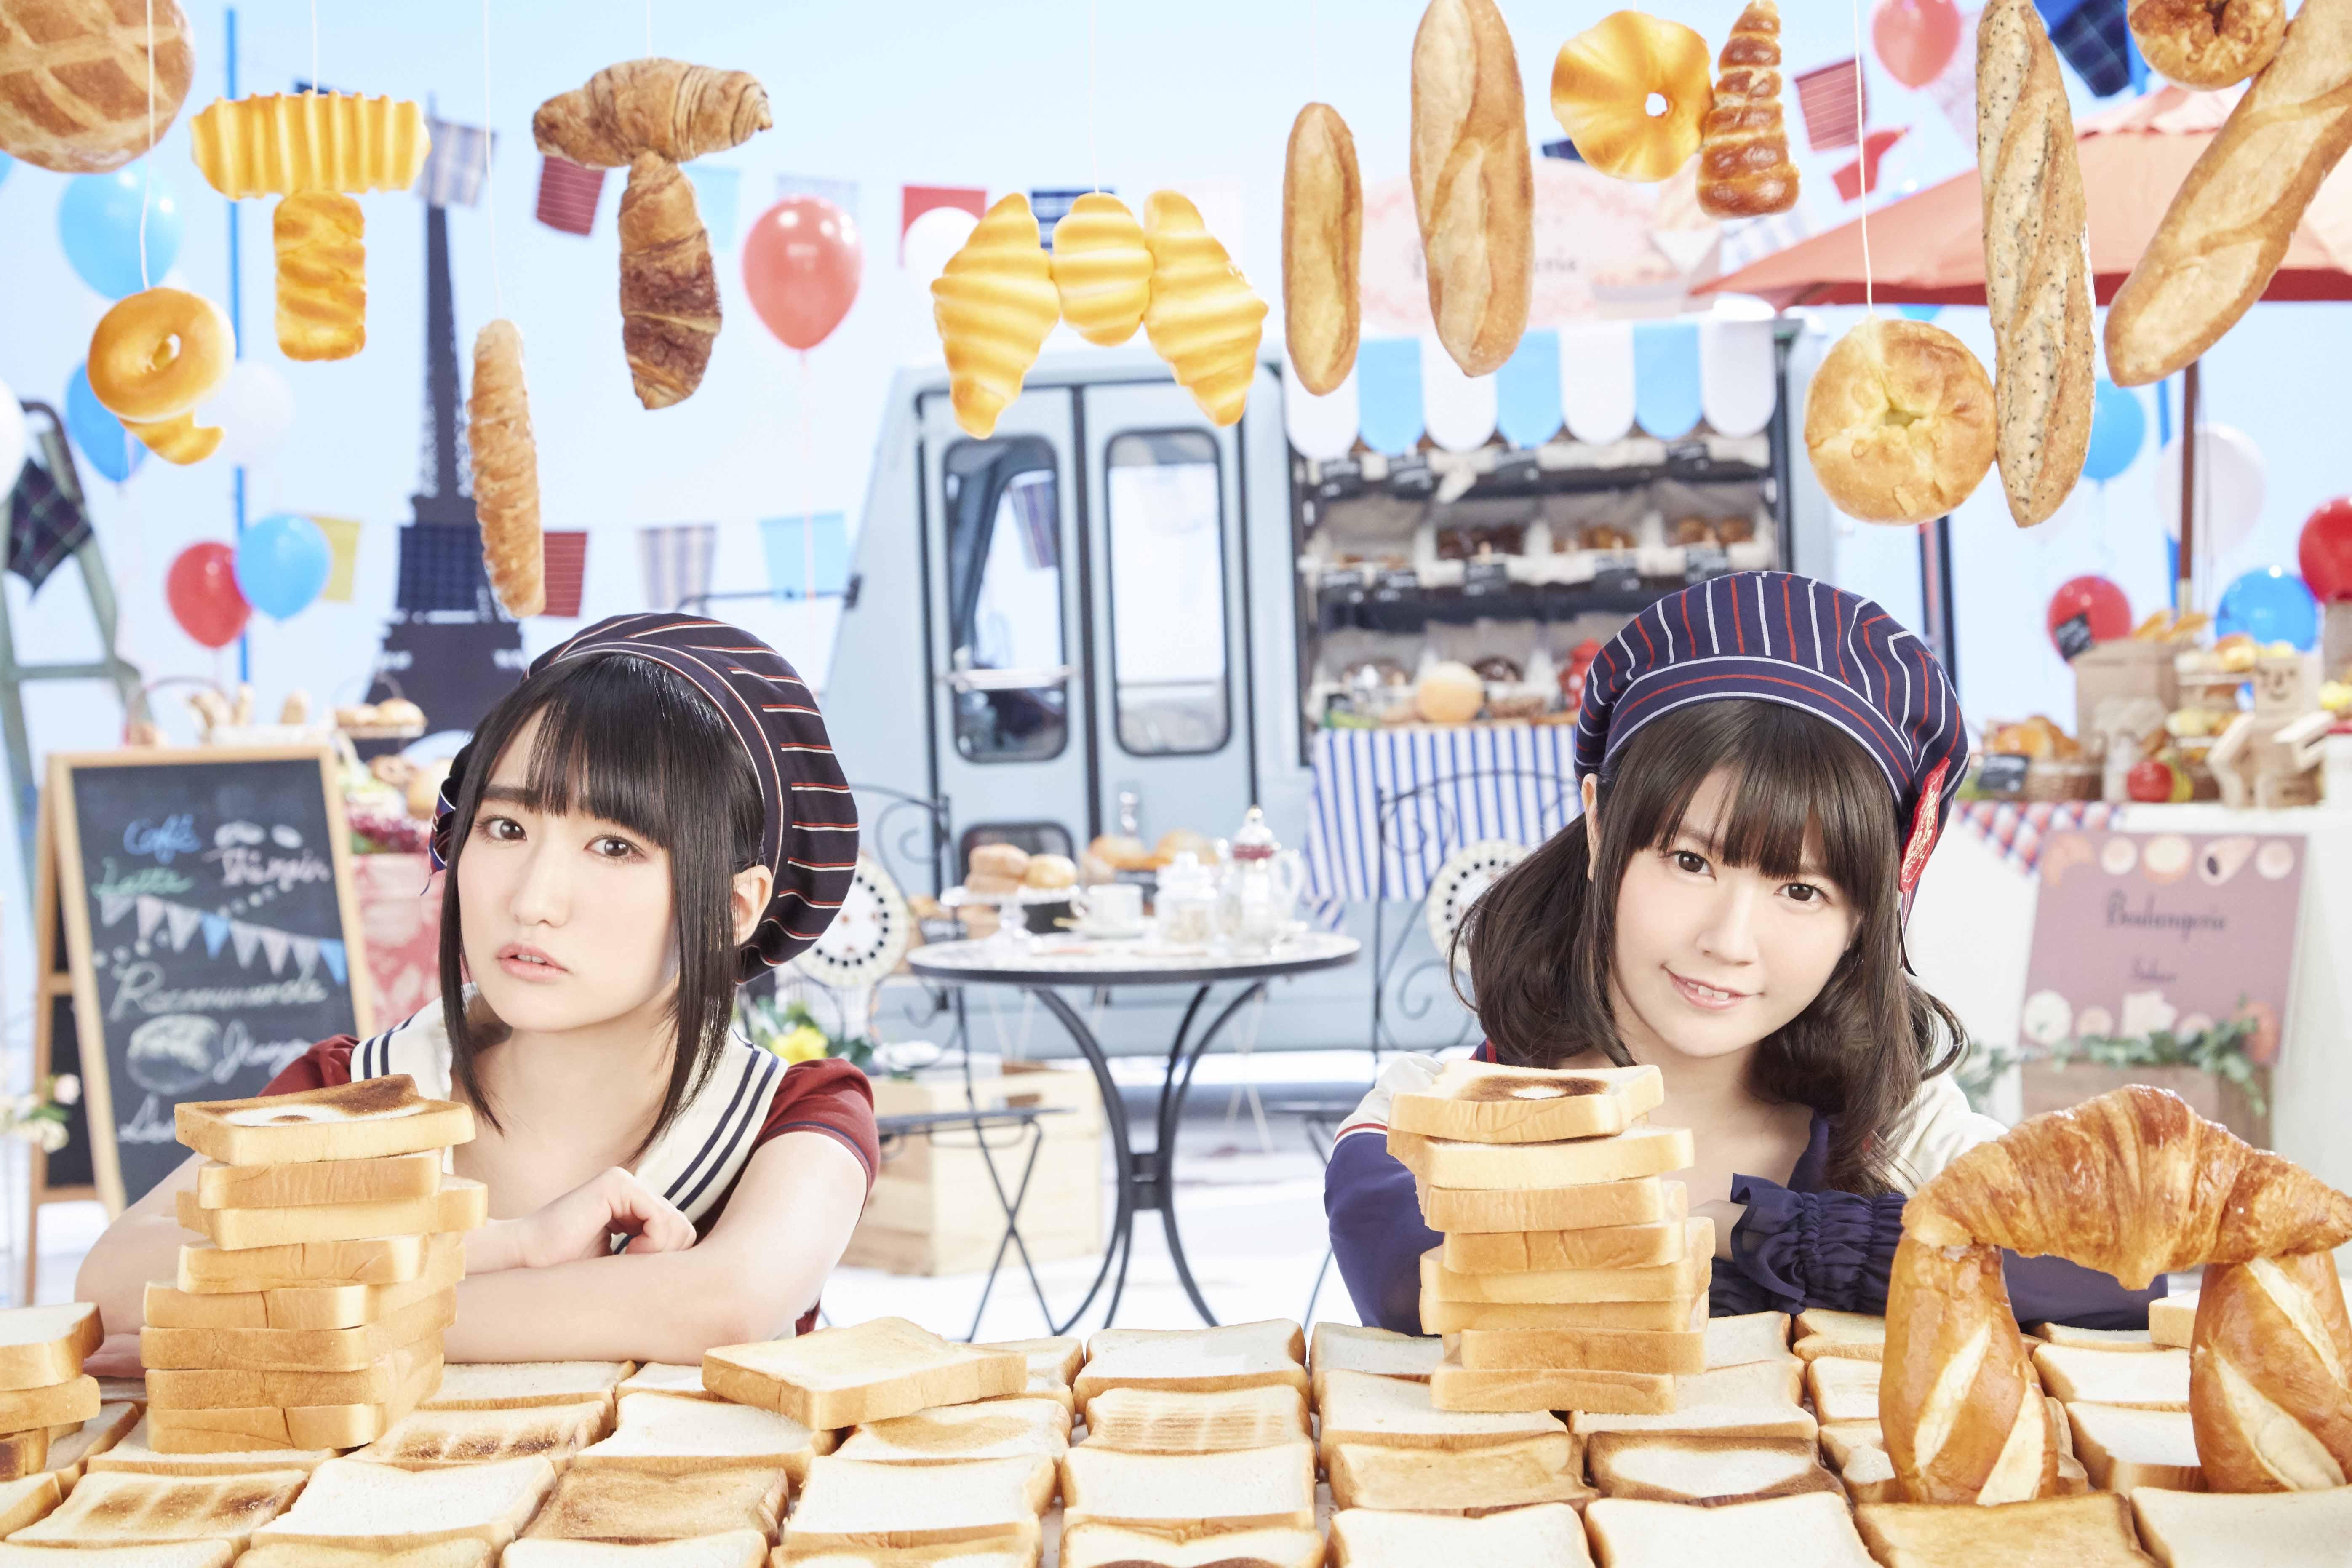 petit milady ニューシングル「青春は食べ物です」発売直前ニコニコ生放送 公開放送